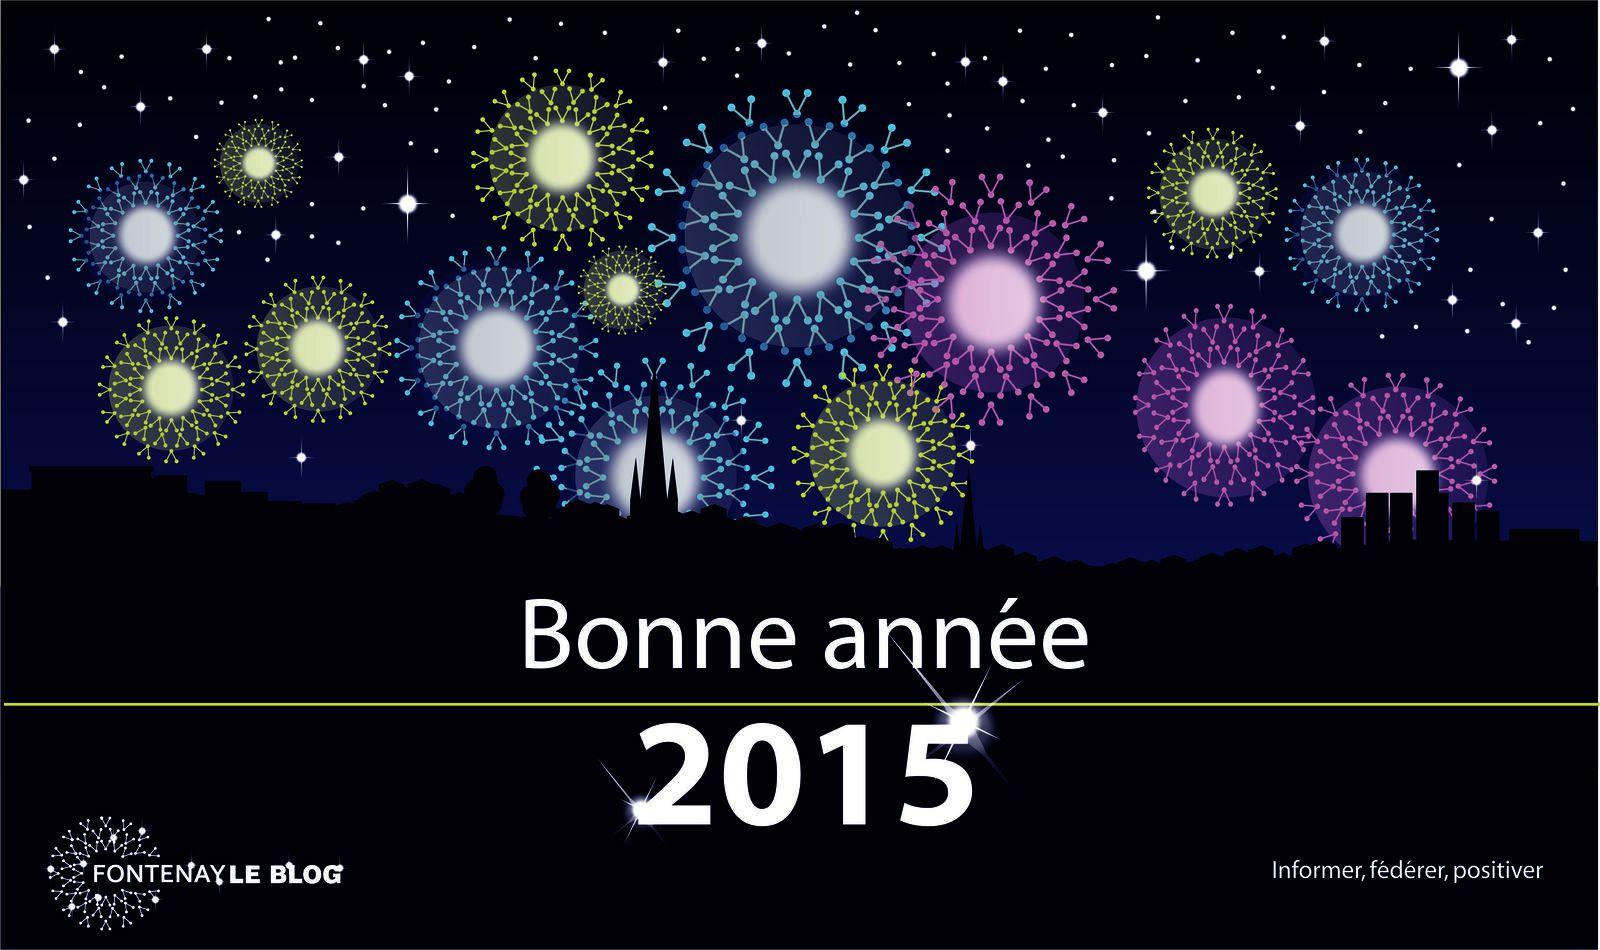 2015 : Bonne année à tous !